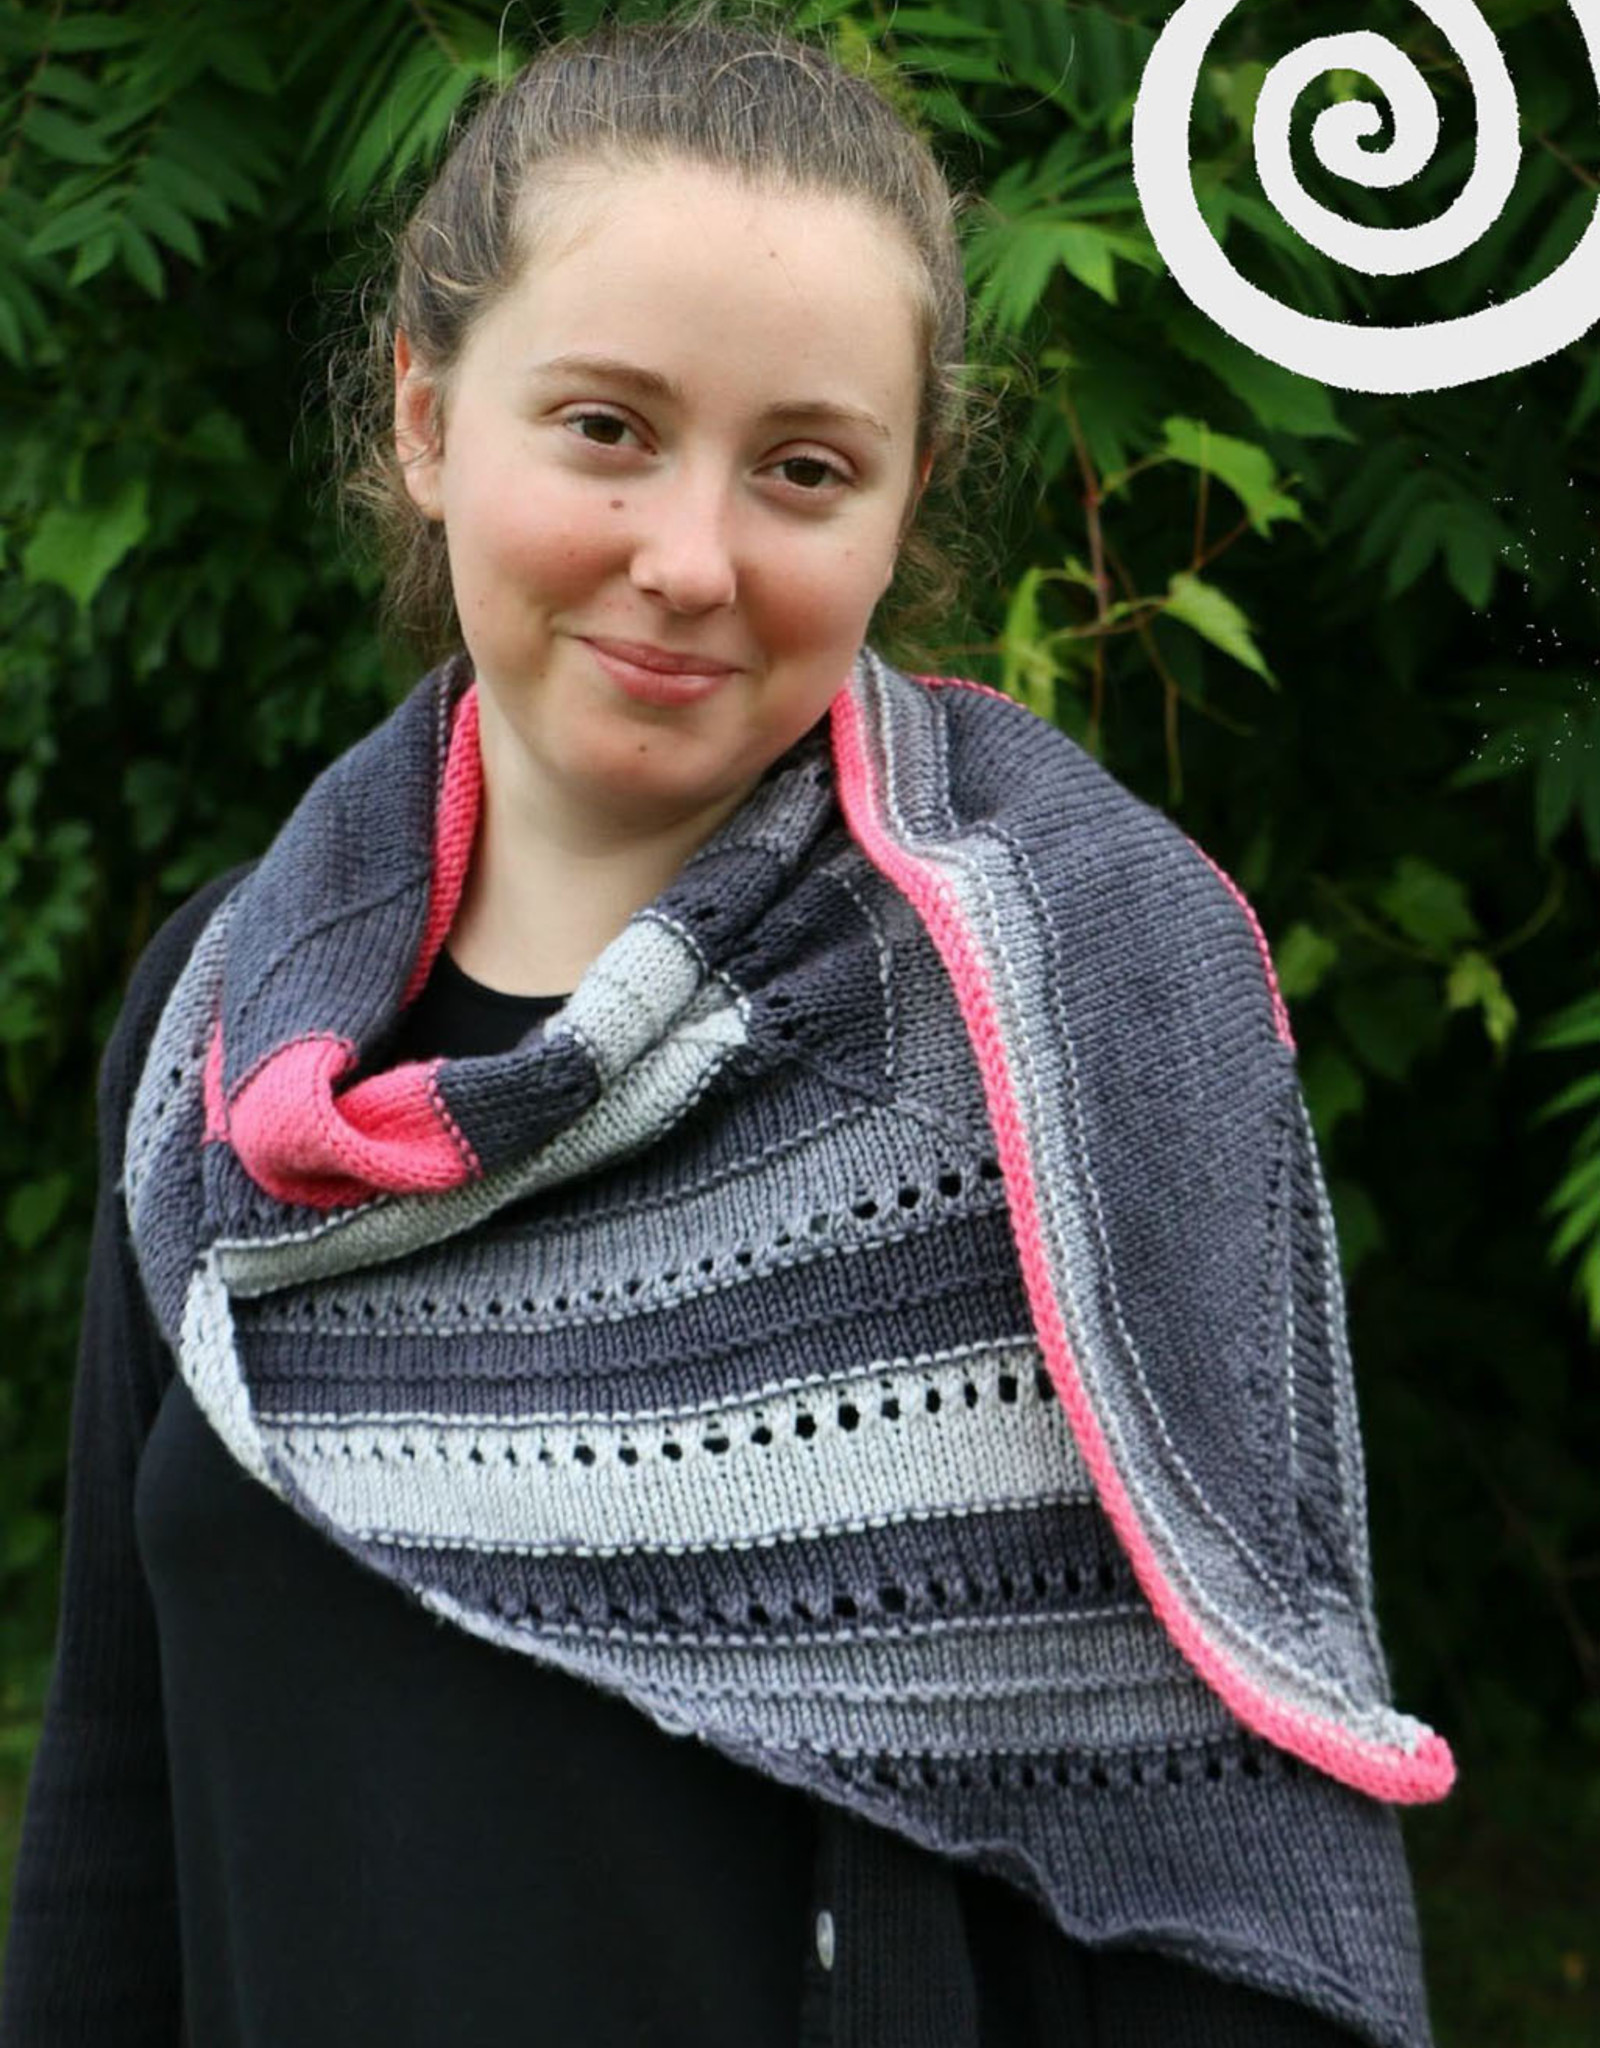 Stephanie Knit Kit